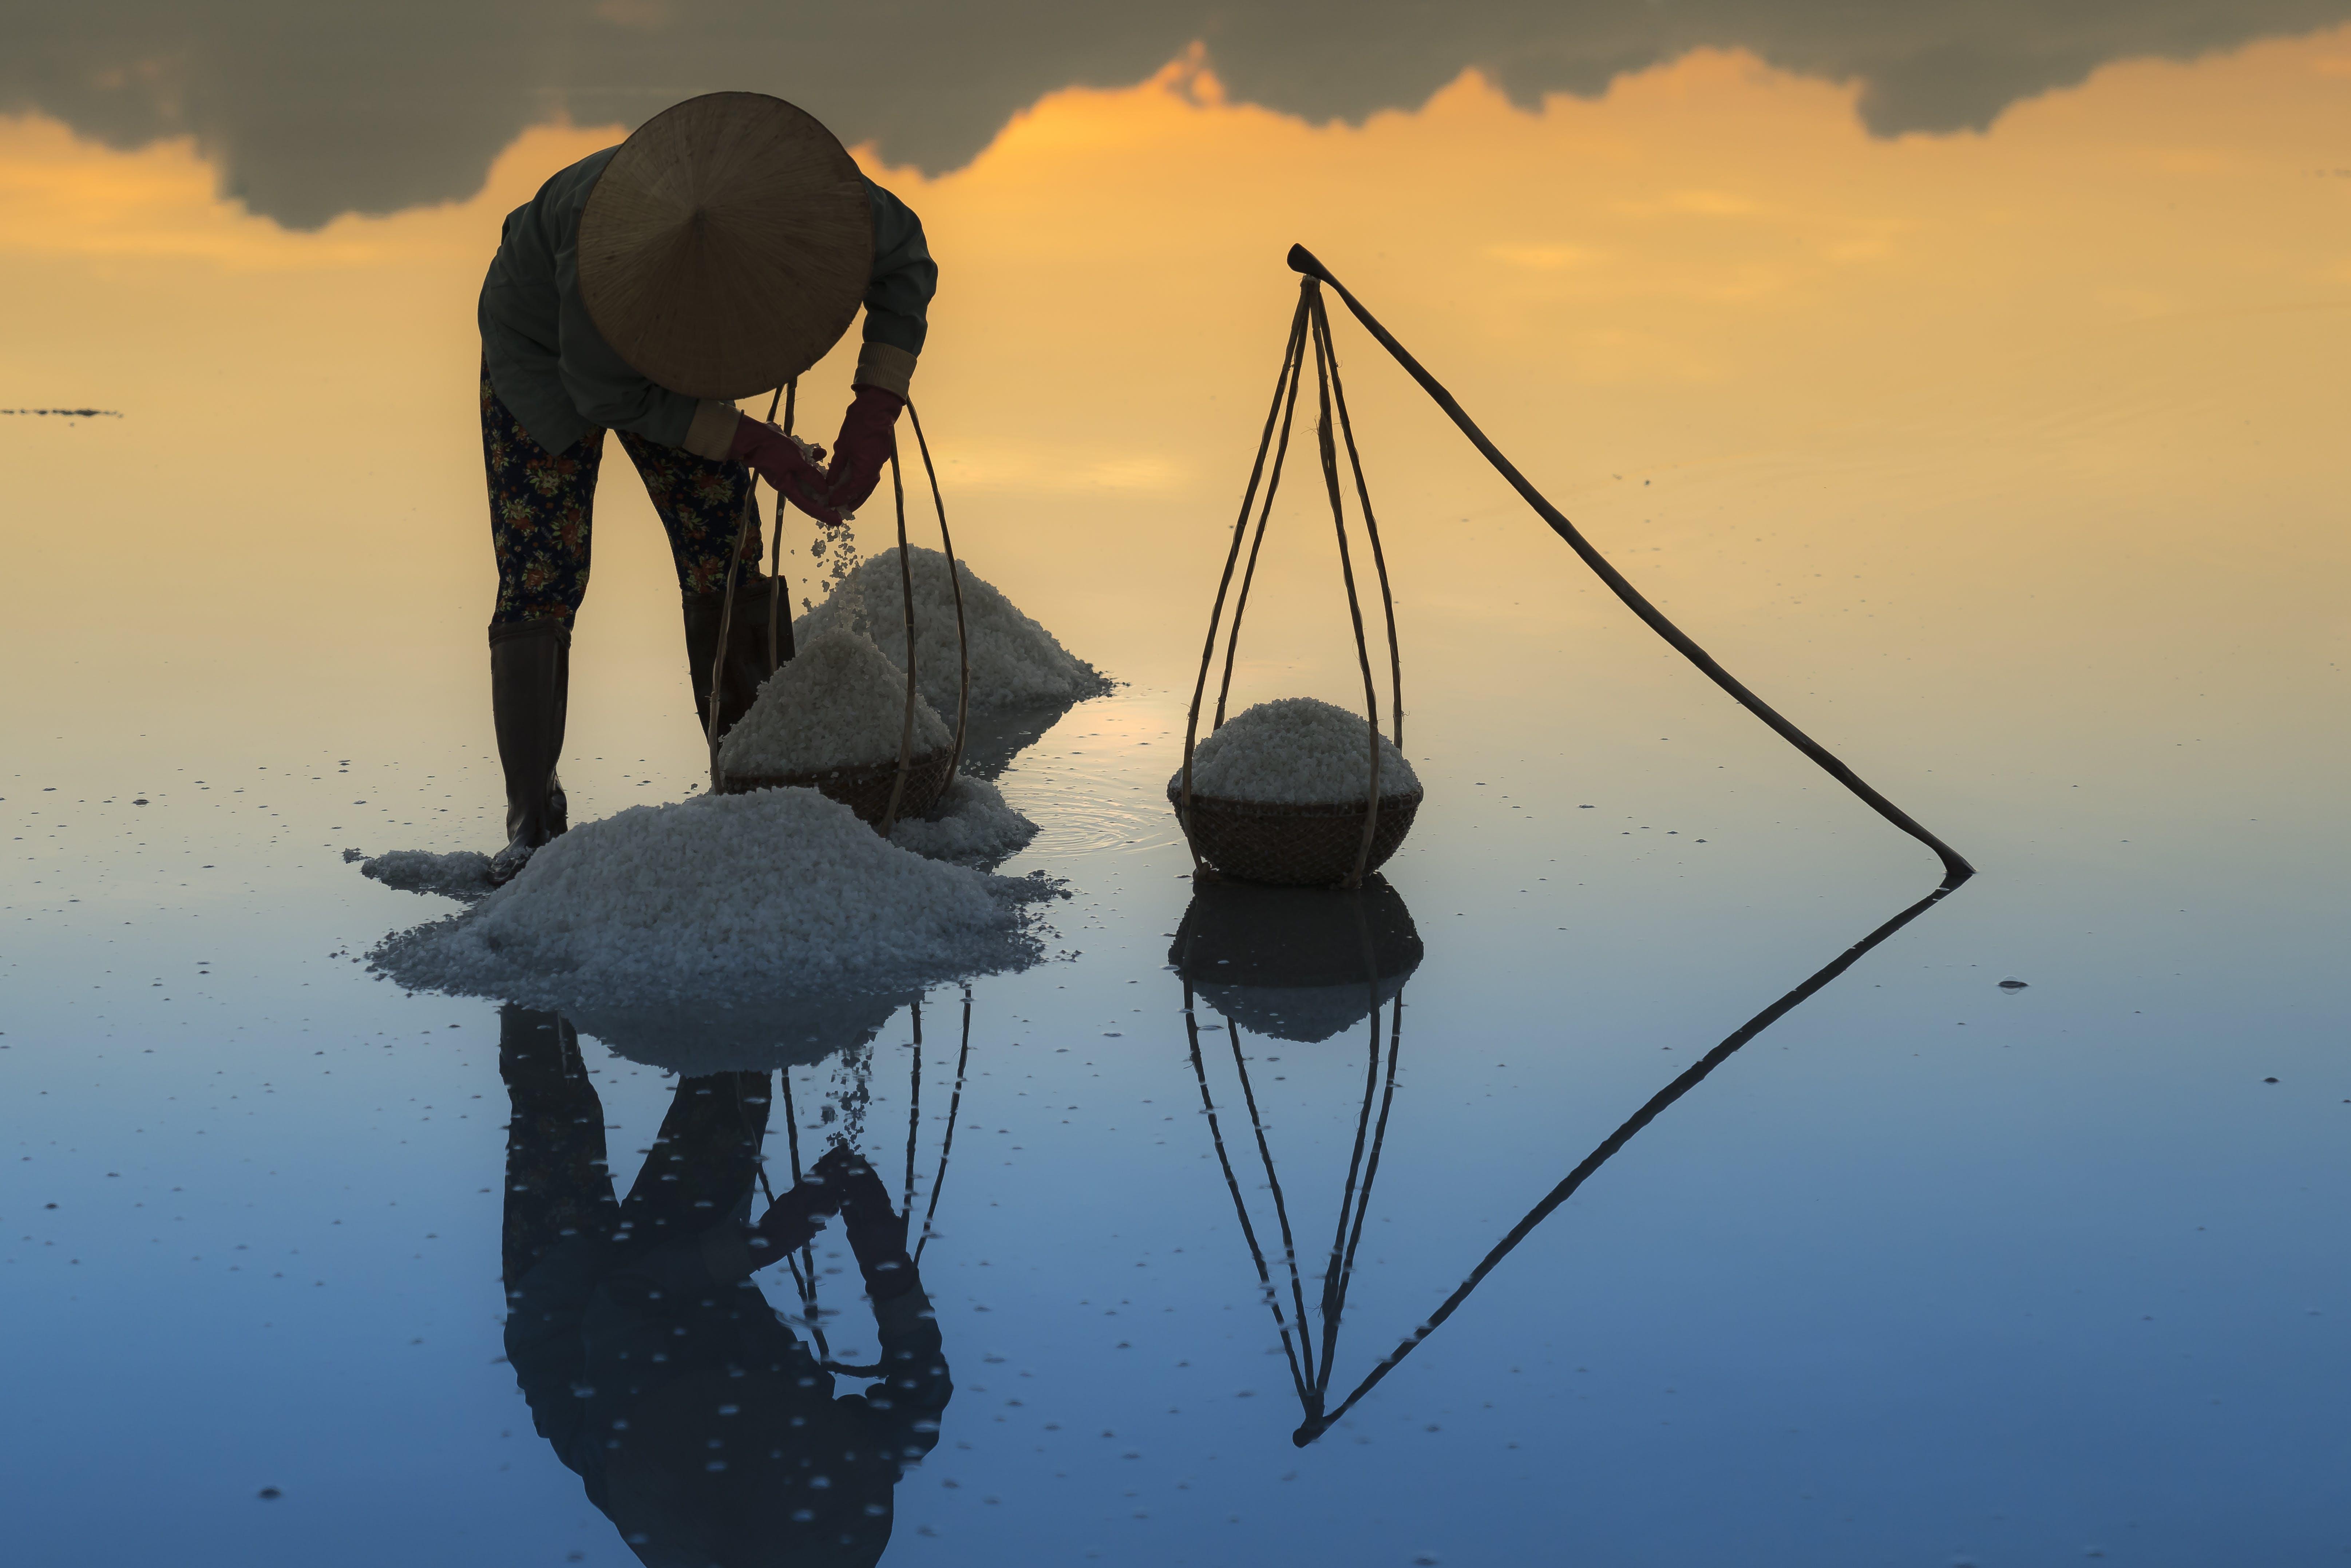 Man Carrying Salt On Basket During Golden Hour